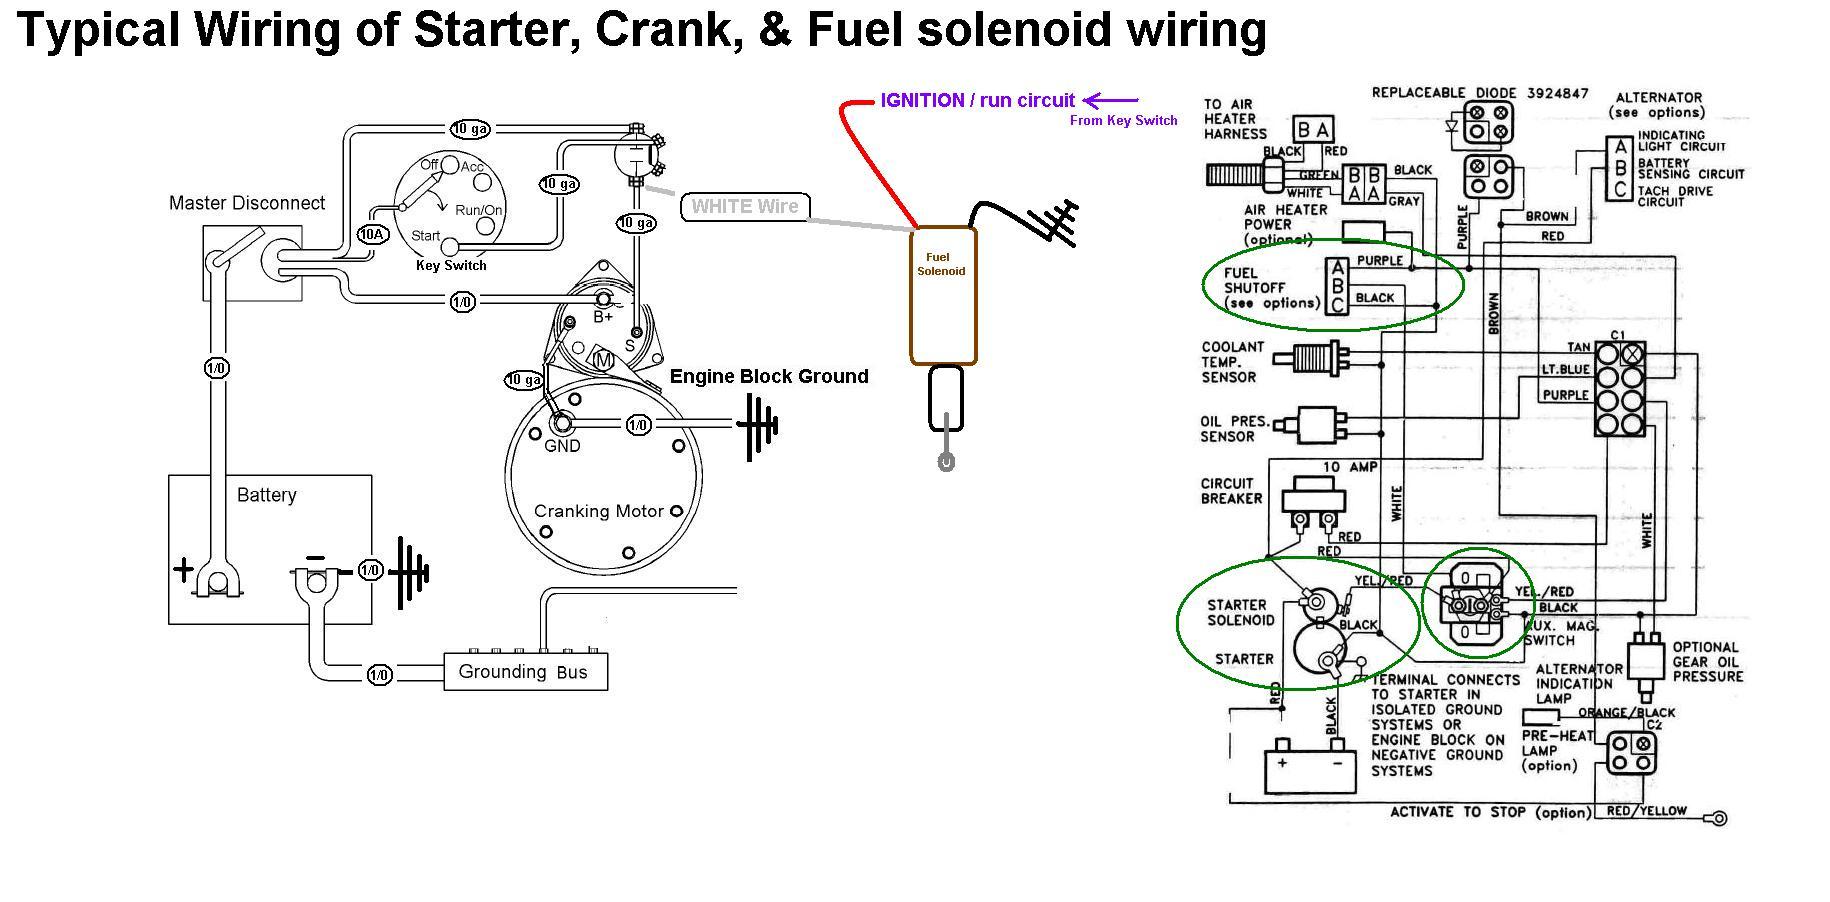 Starter Crank Fuel Solenoid Wiring gm power steering control valve